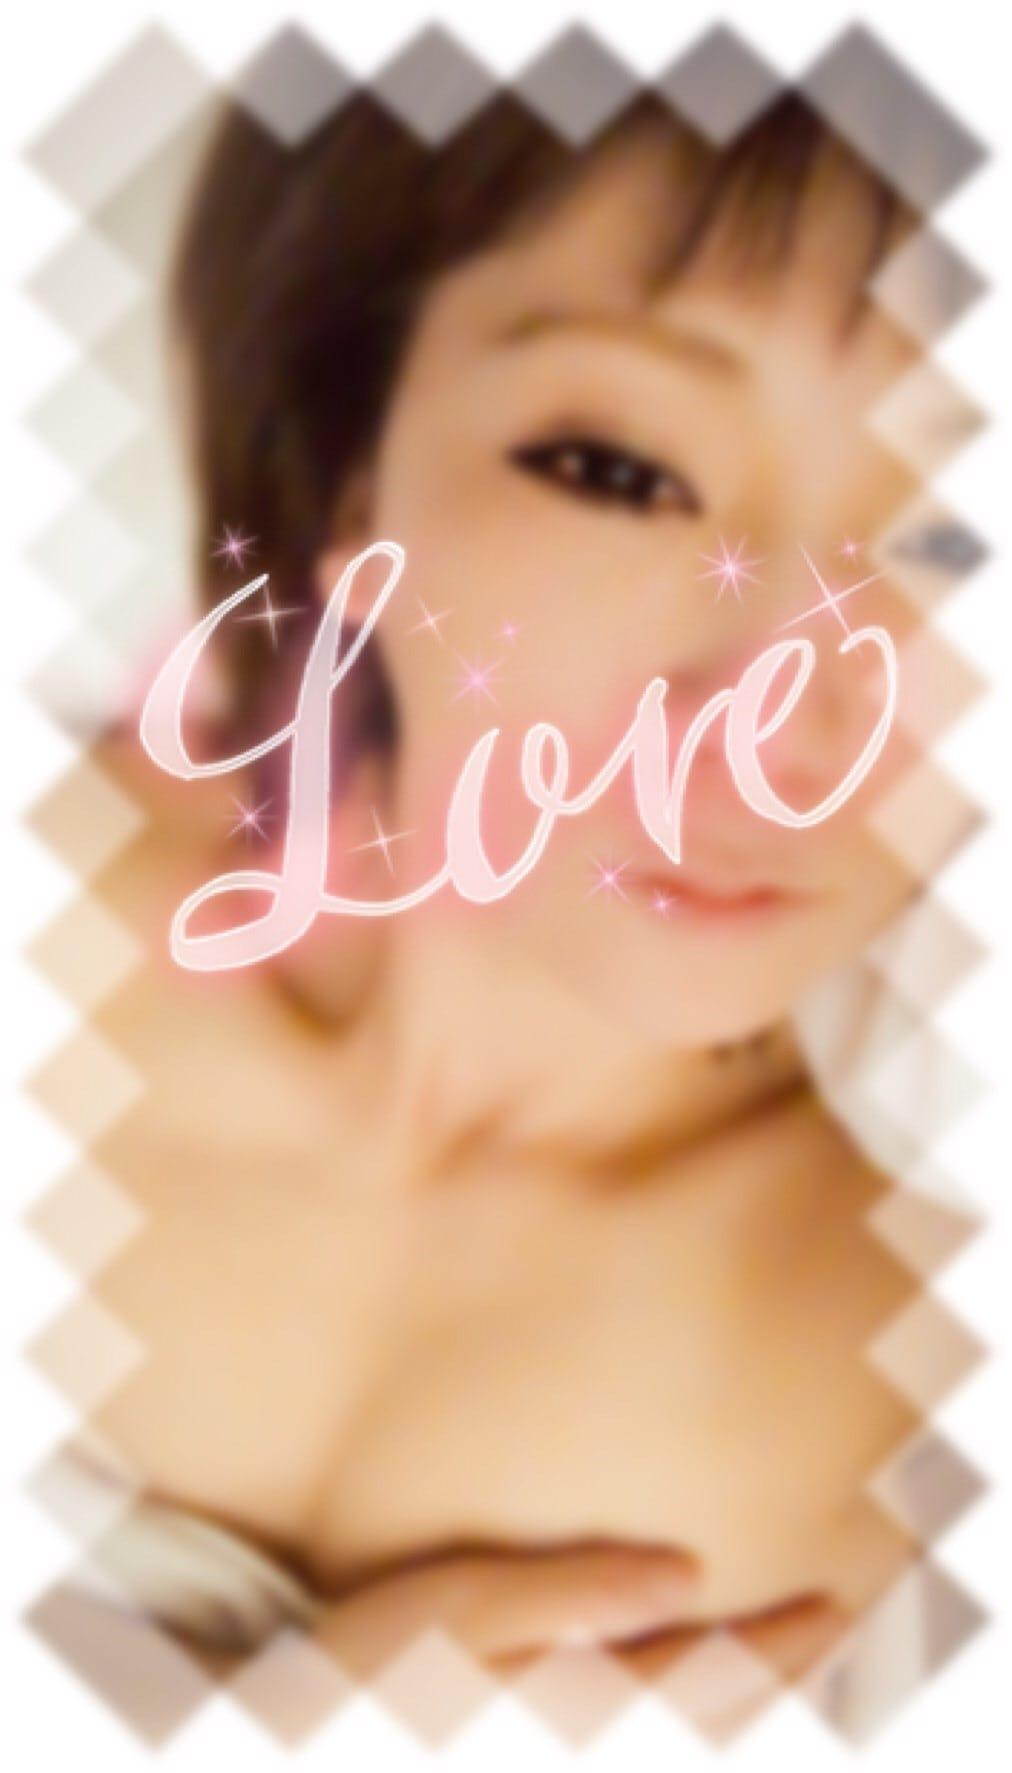 「そろそろ、、」09/17(09/17) 21:32 | 凛-りんの写メ・風俗動画